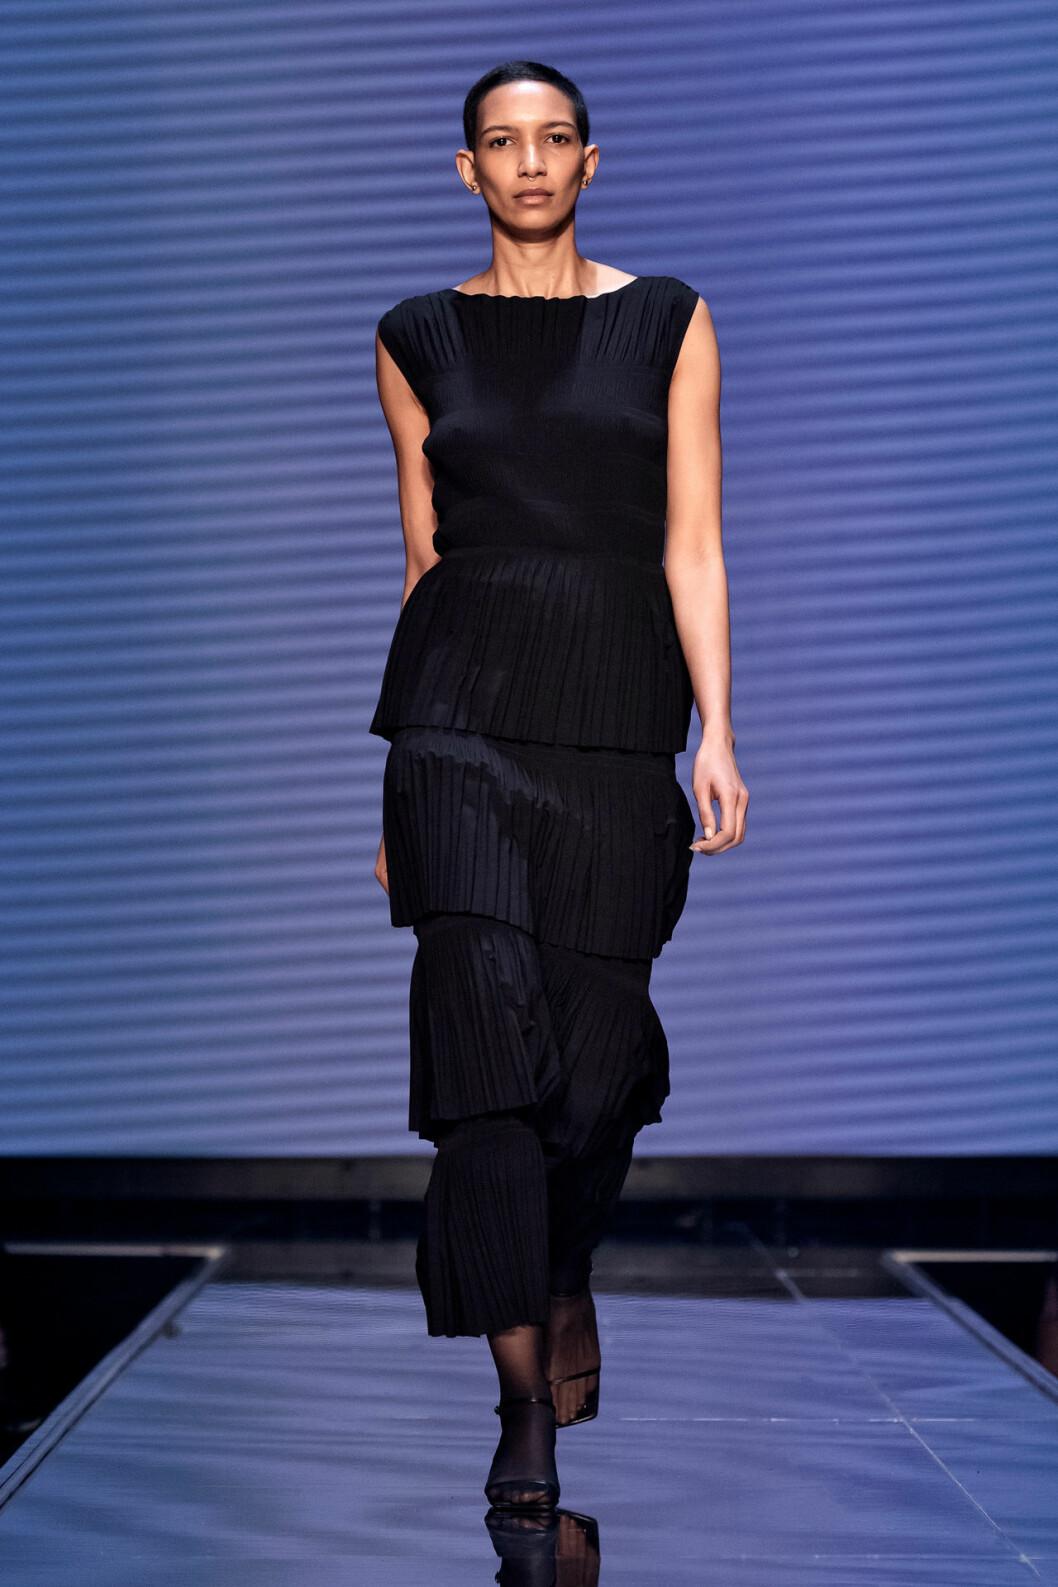 Plisserad lång klänning i svart från Totêmes vinnarvisning ELLE-galan 2020.